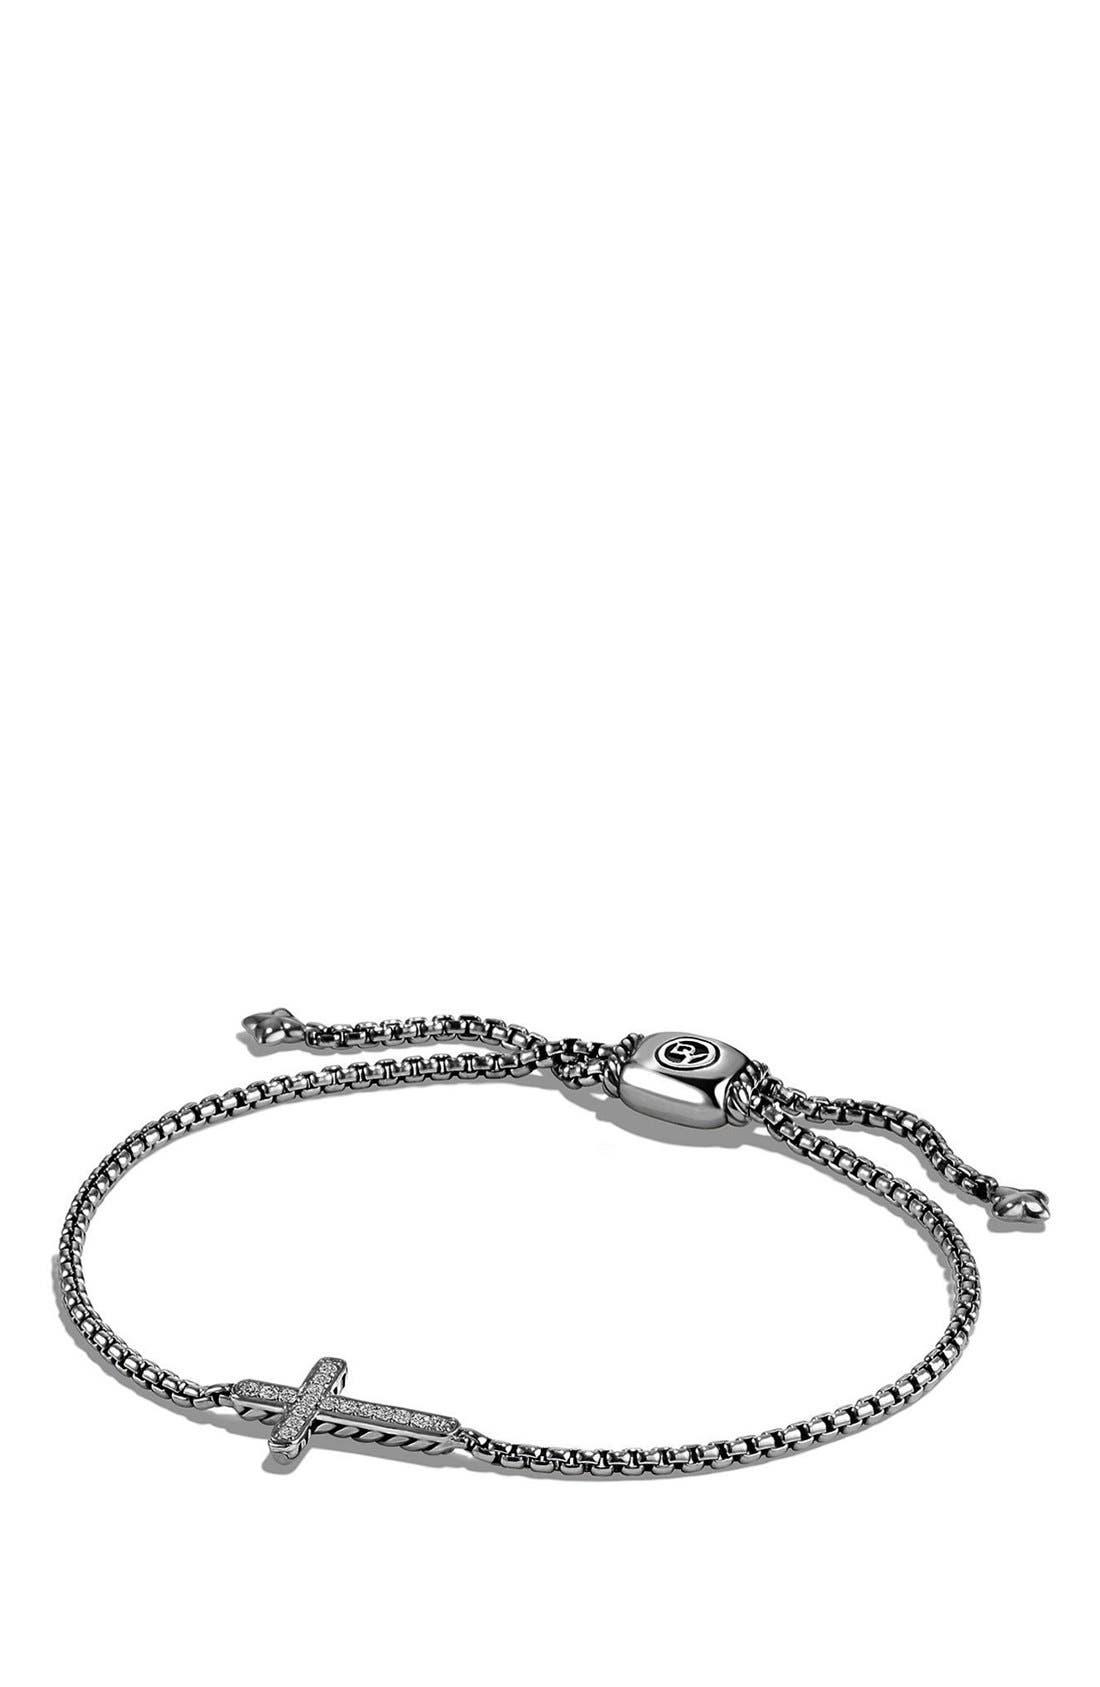 'Petite Pavé' Cross Bracelet with Diamonds,                             Main thumbnail 1, color,                             SILVER